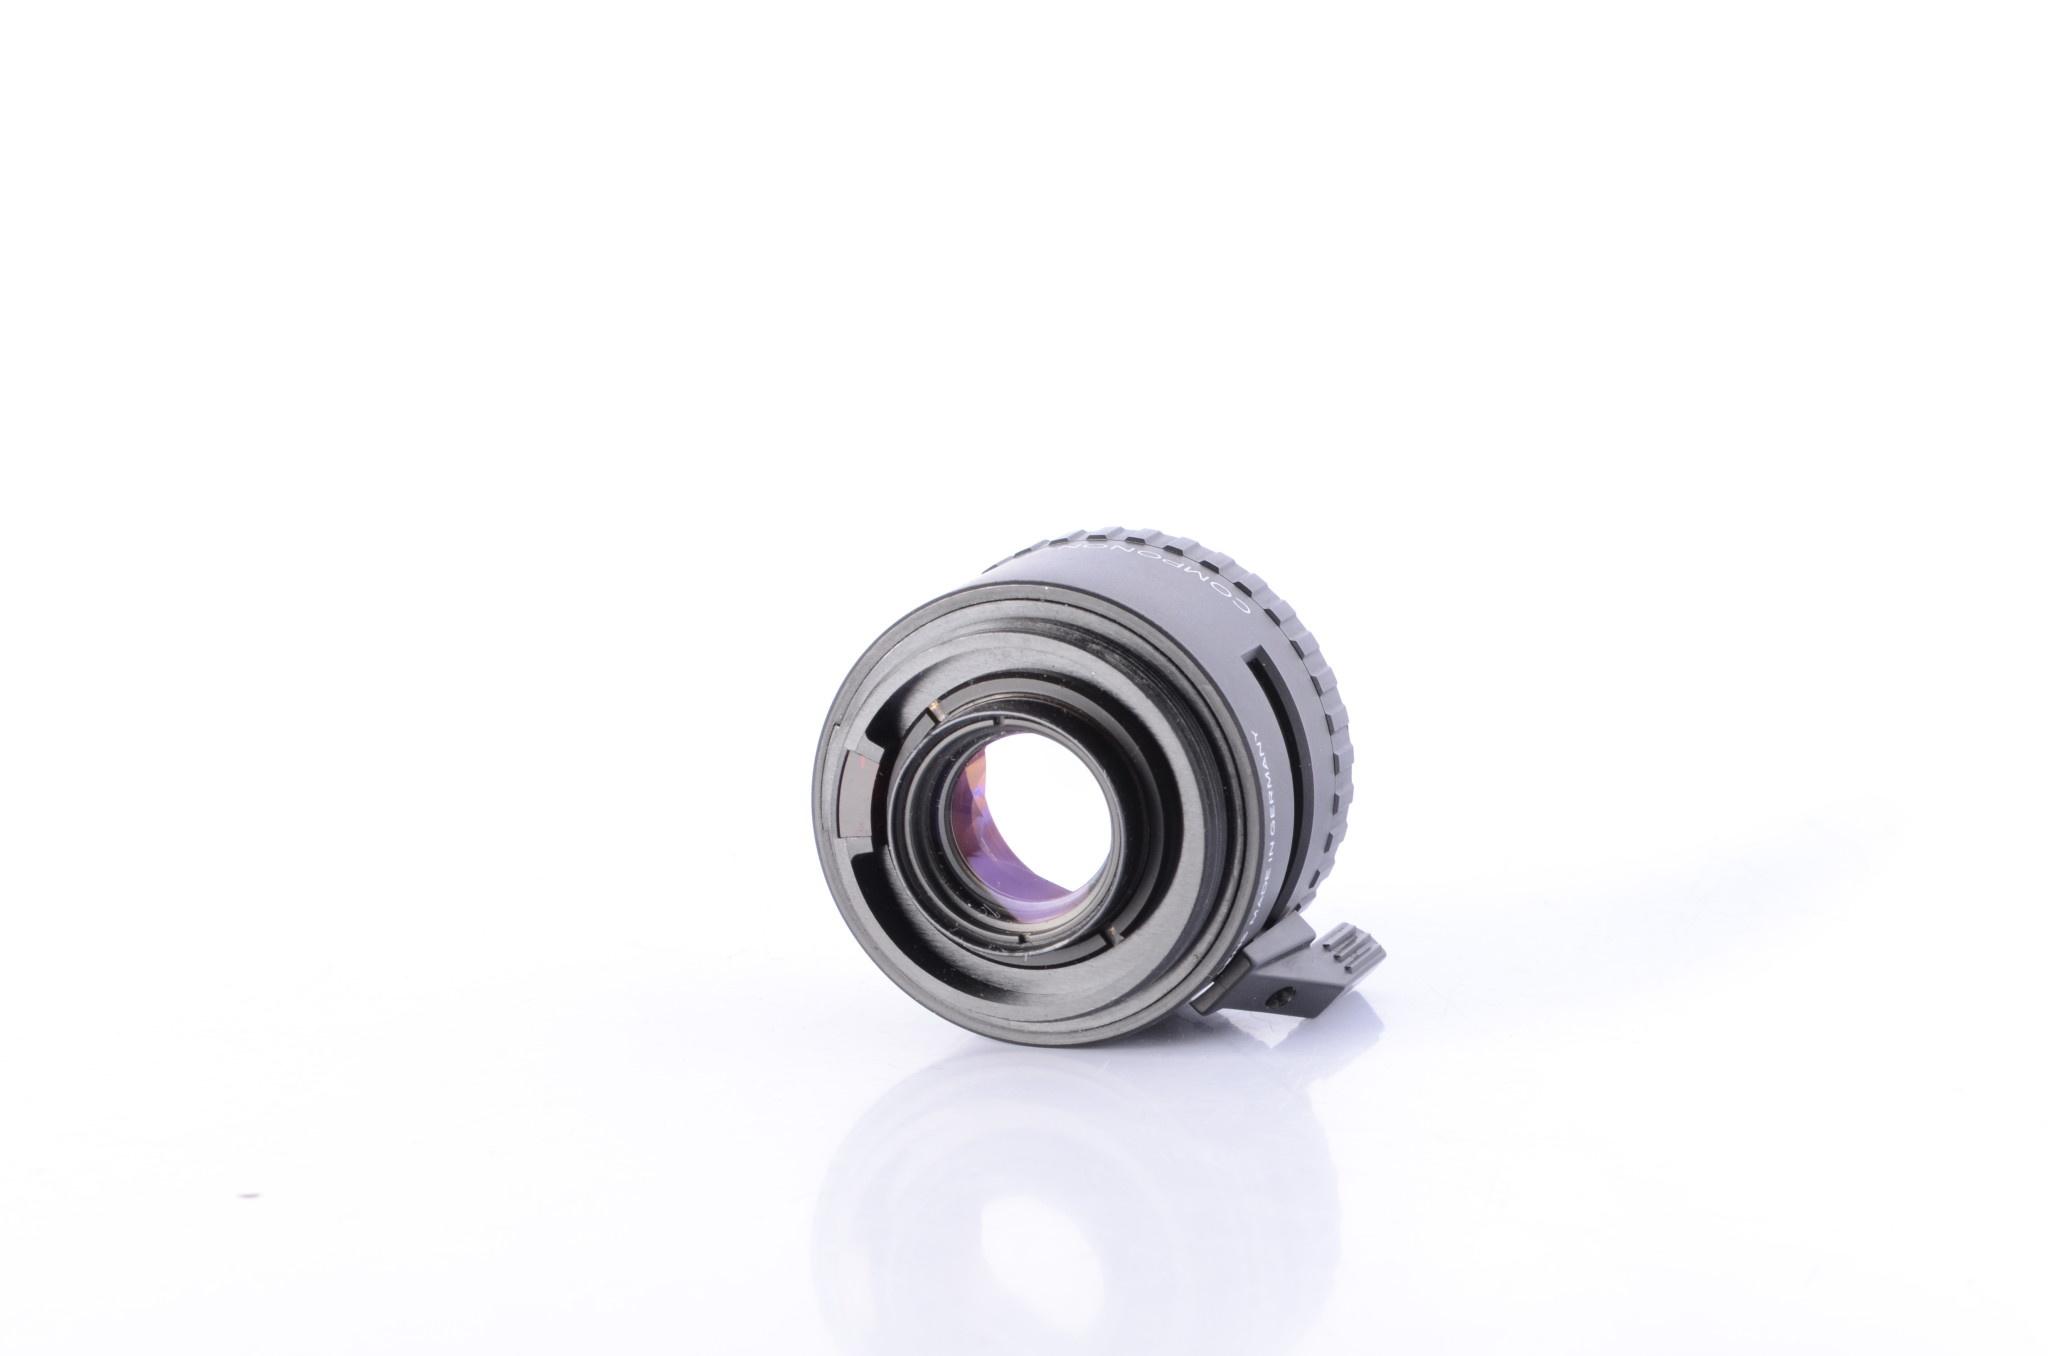 Schneider Schneider Componon-S 50mm f/2.8 Enlarger Lens sn: 14264532